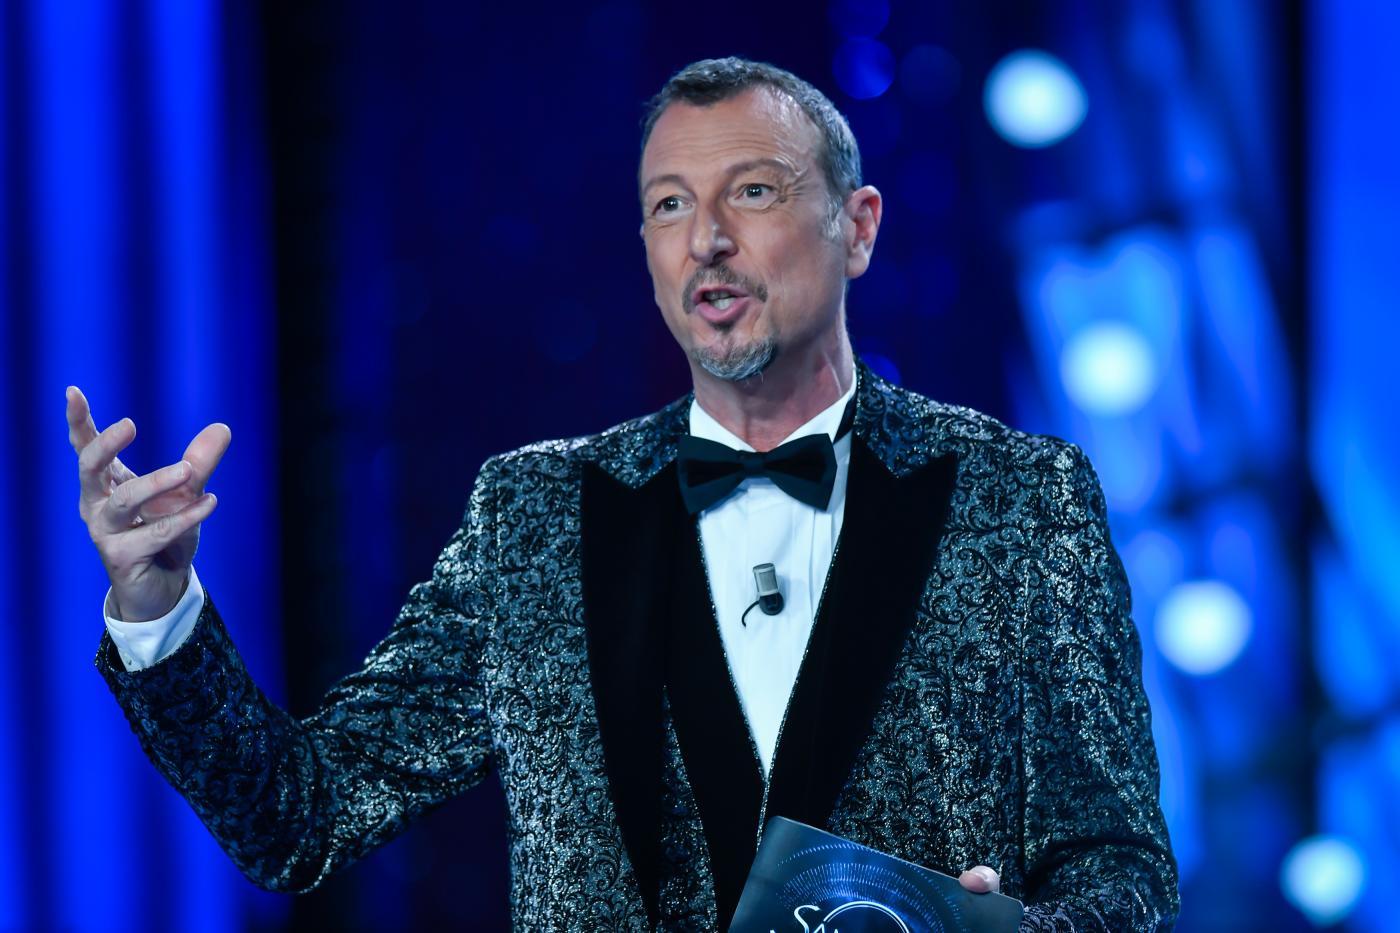 Sanremo 2021, i cachet e quanto guadagnano Amadeus, cantanti, ospiti e conduttrici